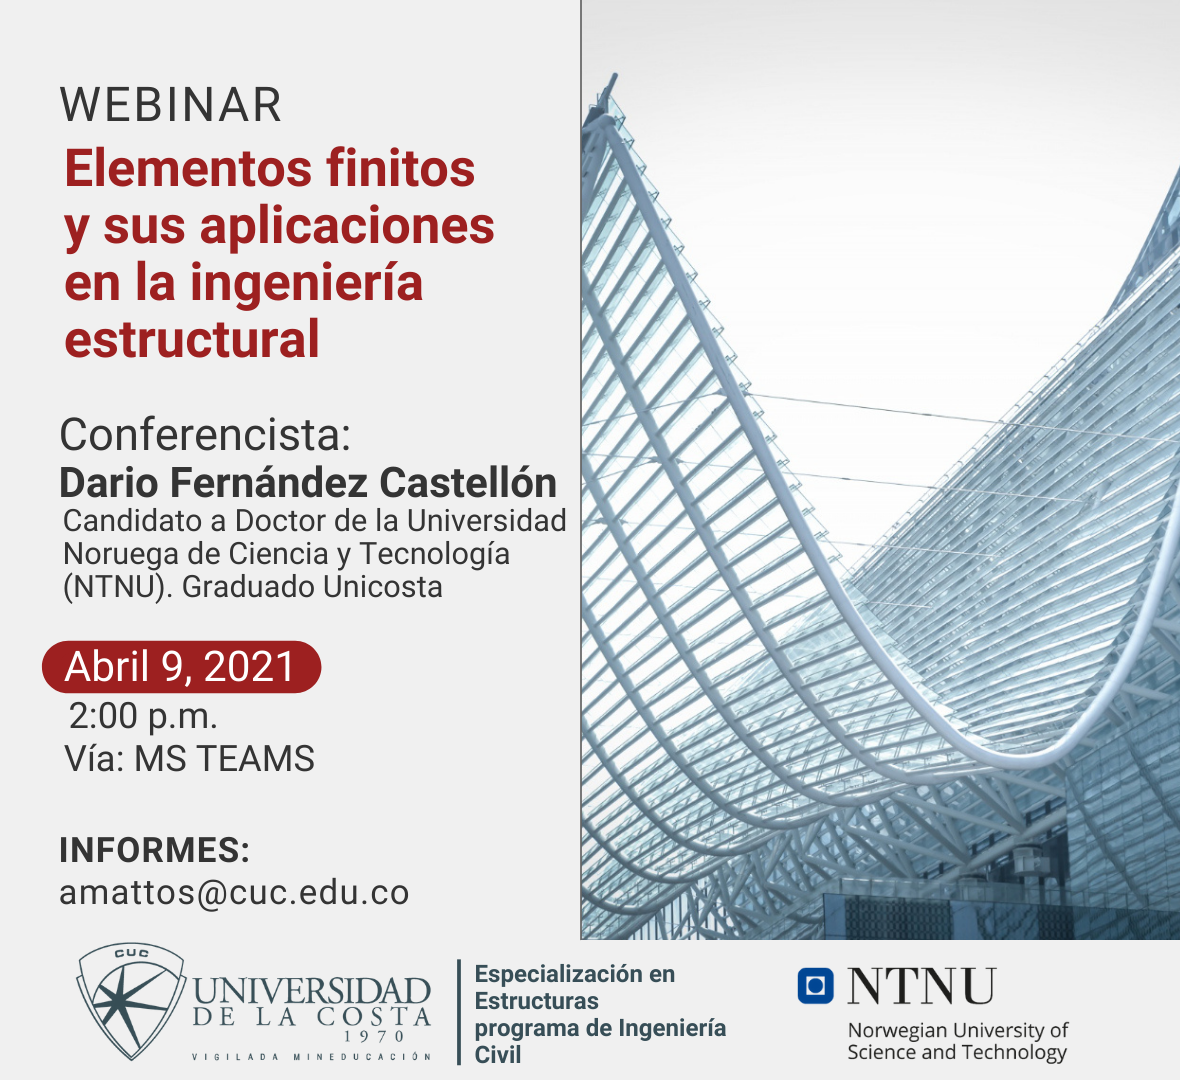 elementos finitos aplicaciones ingenieria estructural cuc